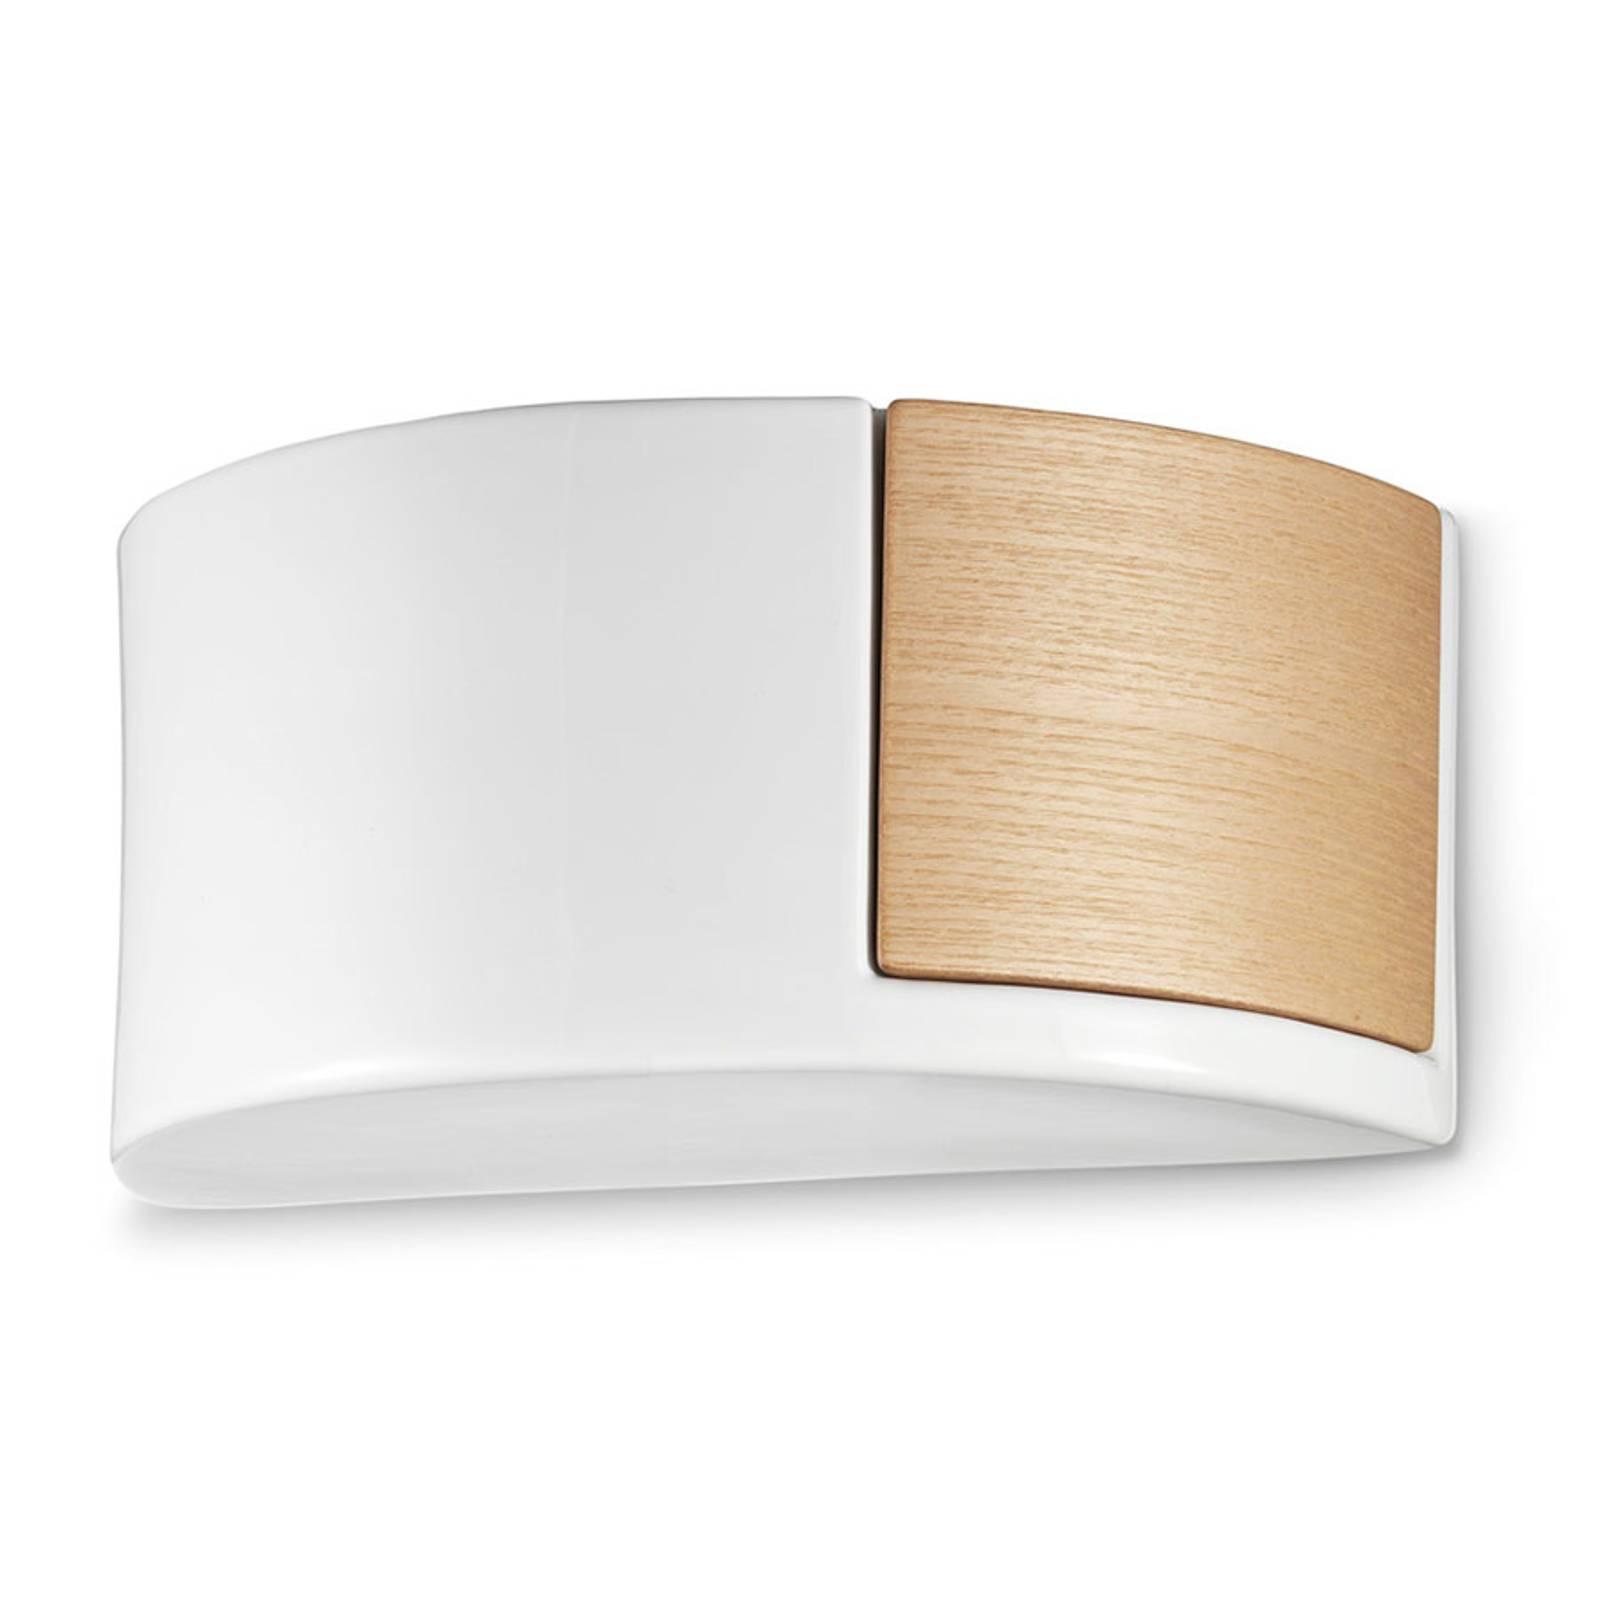 Nordische Keramik-Wandleuchte C1795/27 weiß